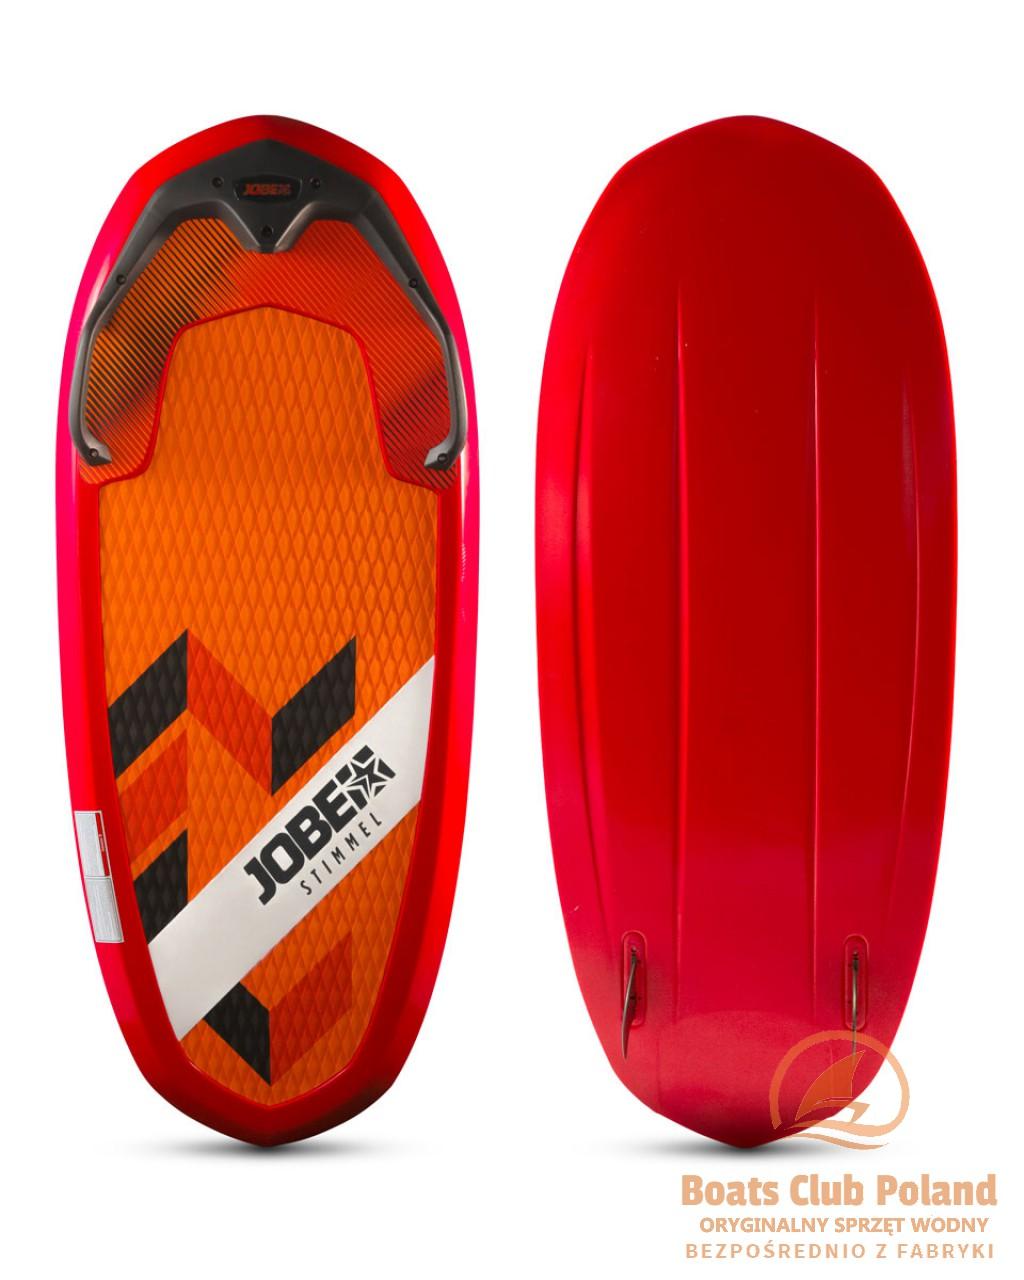 deska-wakeboard-jobe-stimmel-multi-position-board